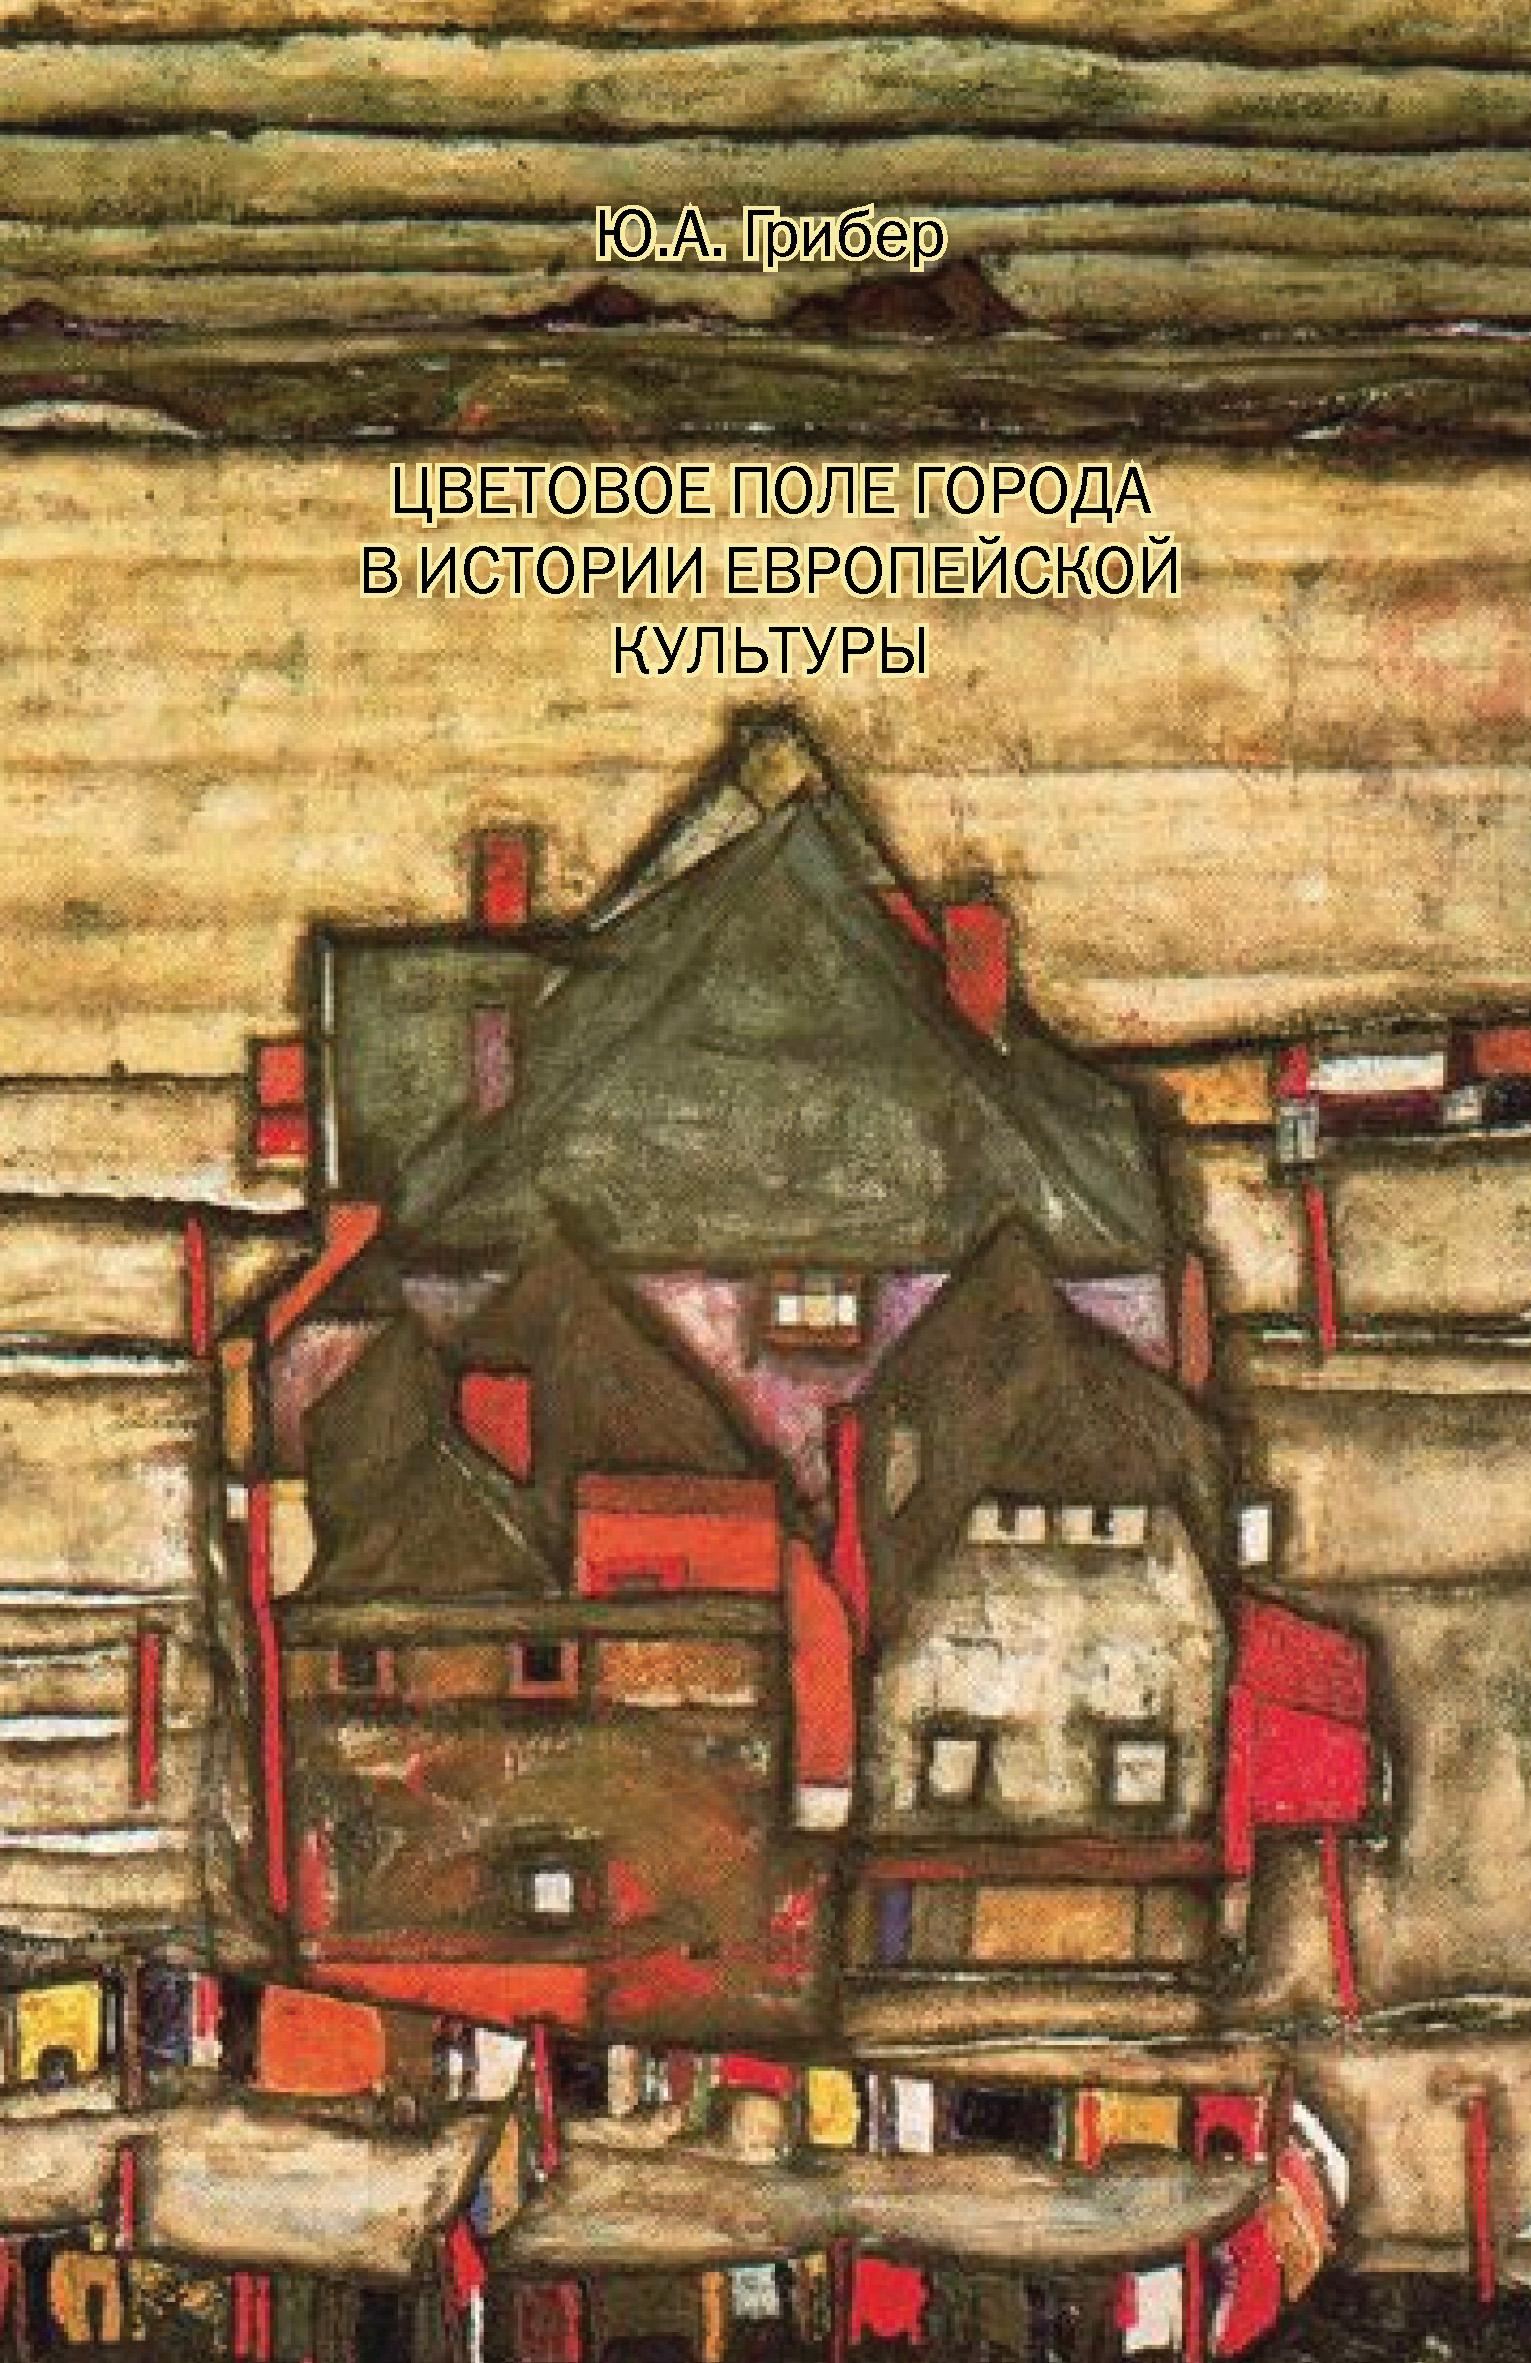 Юлия Грибер Цветовое поле города в истории европейской культуры грибер ю теория цветового проектирования городского пространства монография